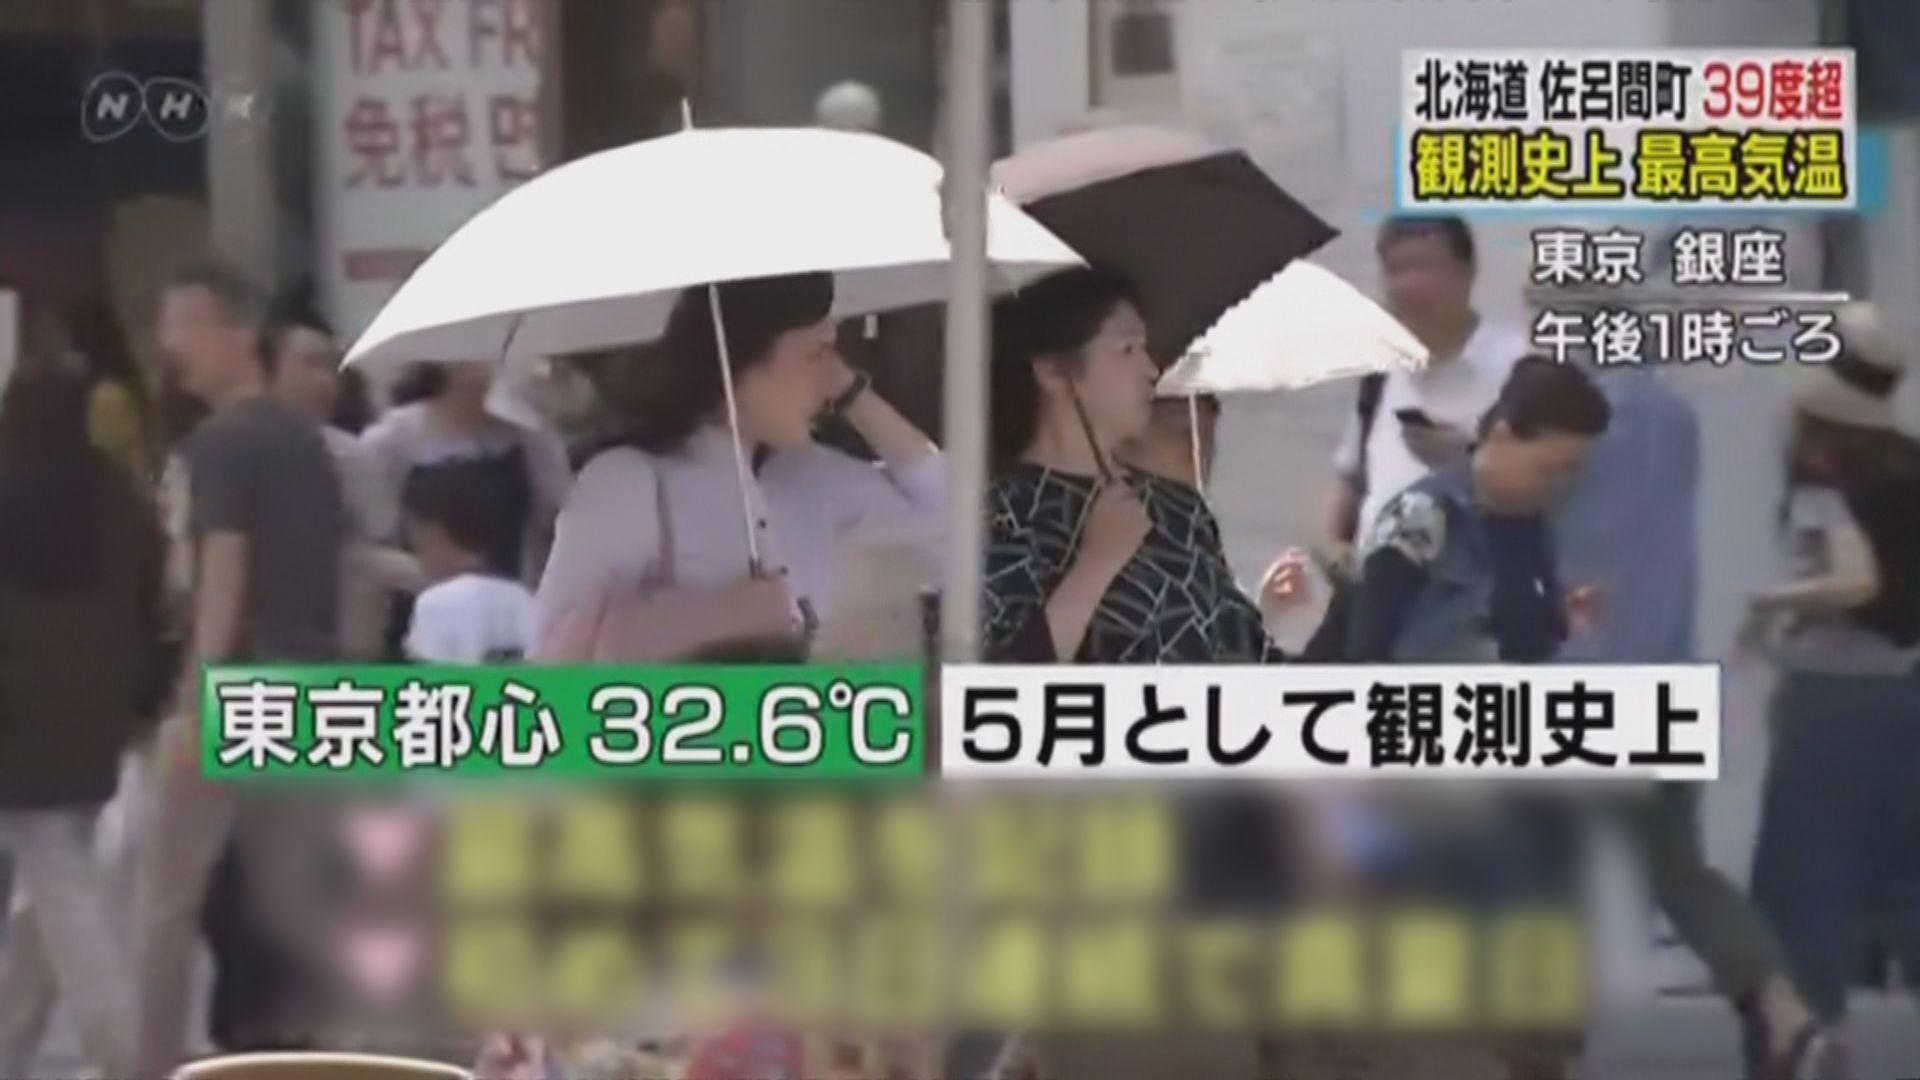 日本多處出現高溫天氣